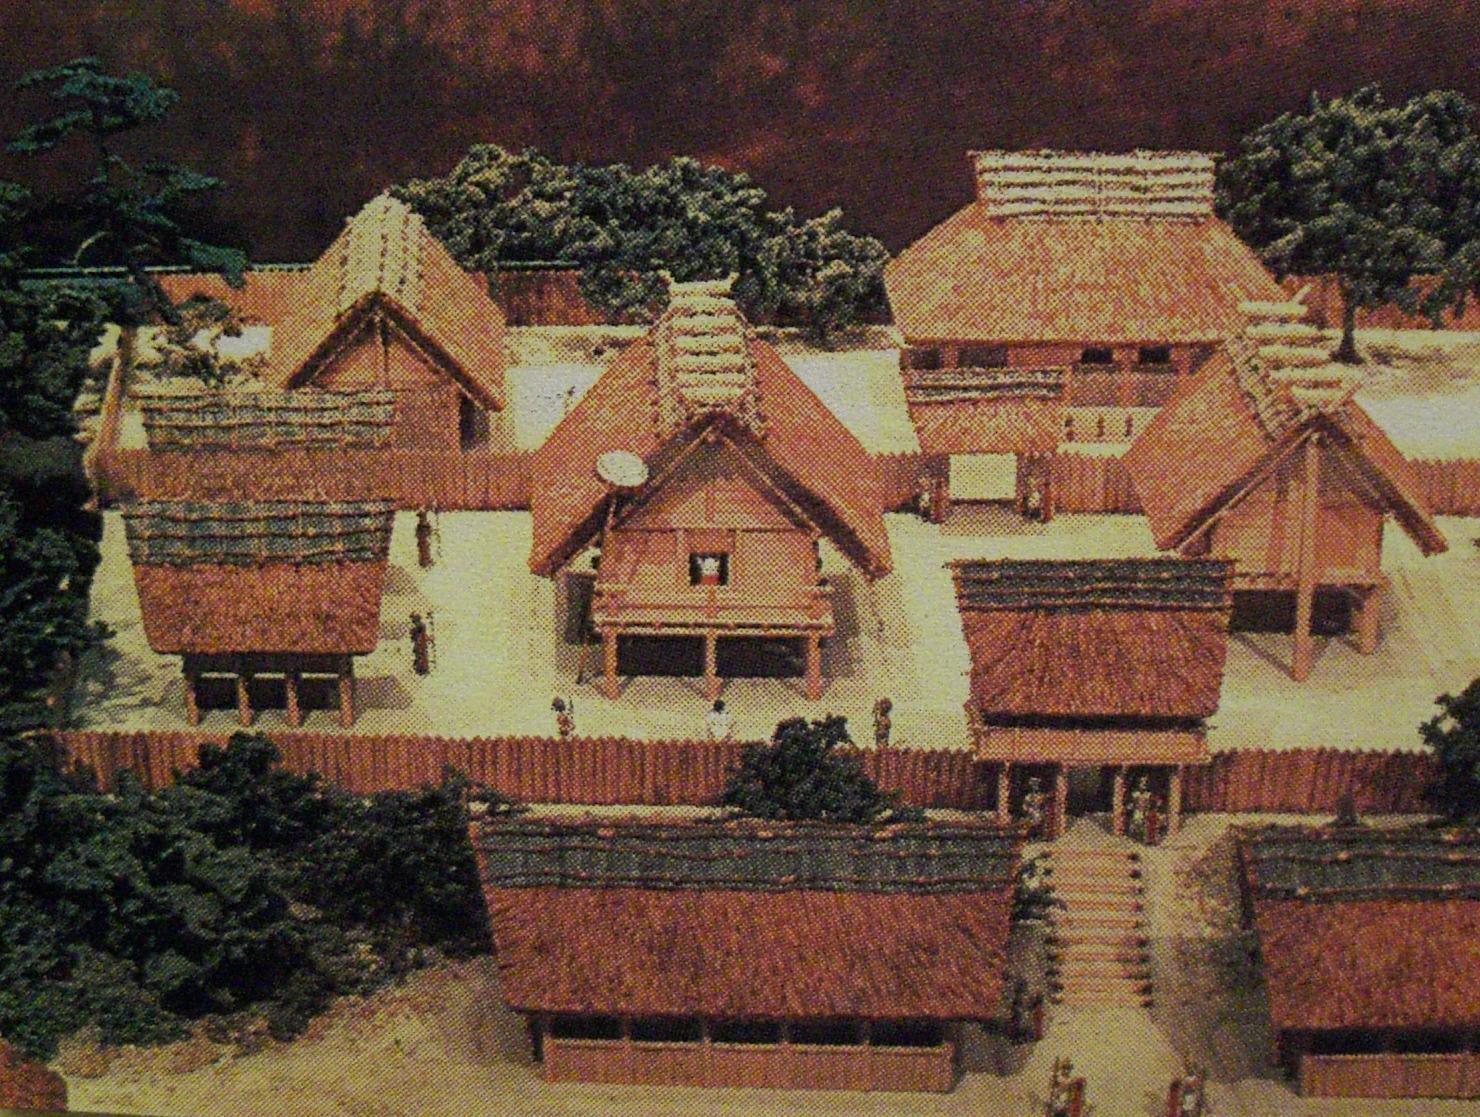 himikos-palace-osaka-yayoi-cultural-center.jpg